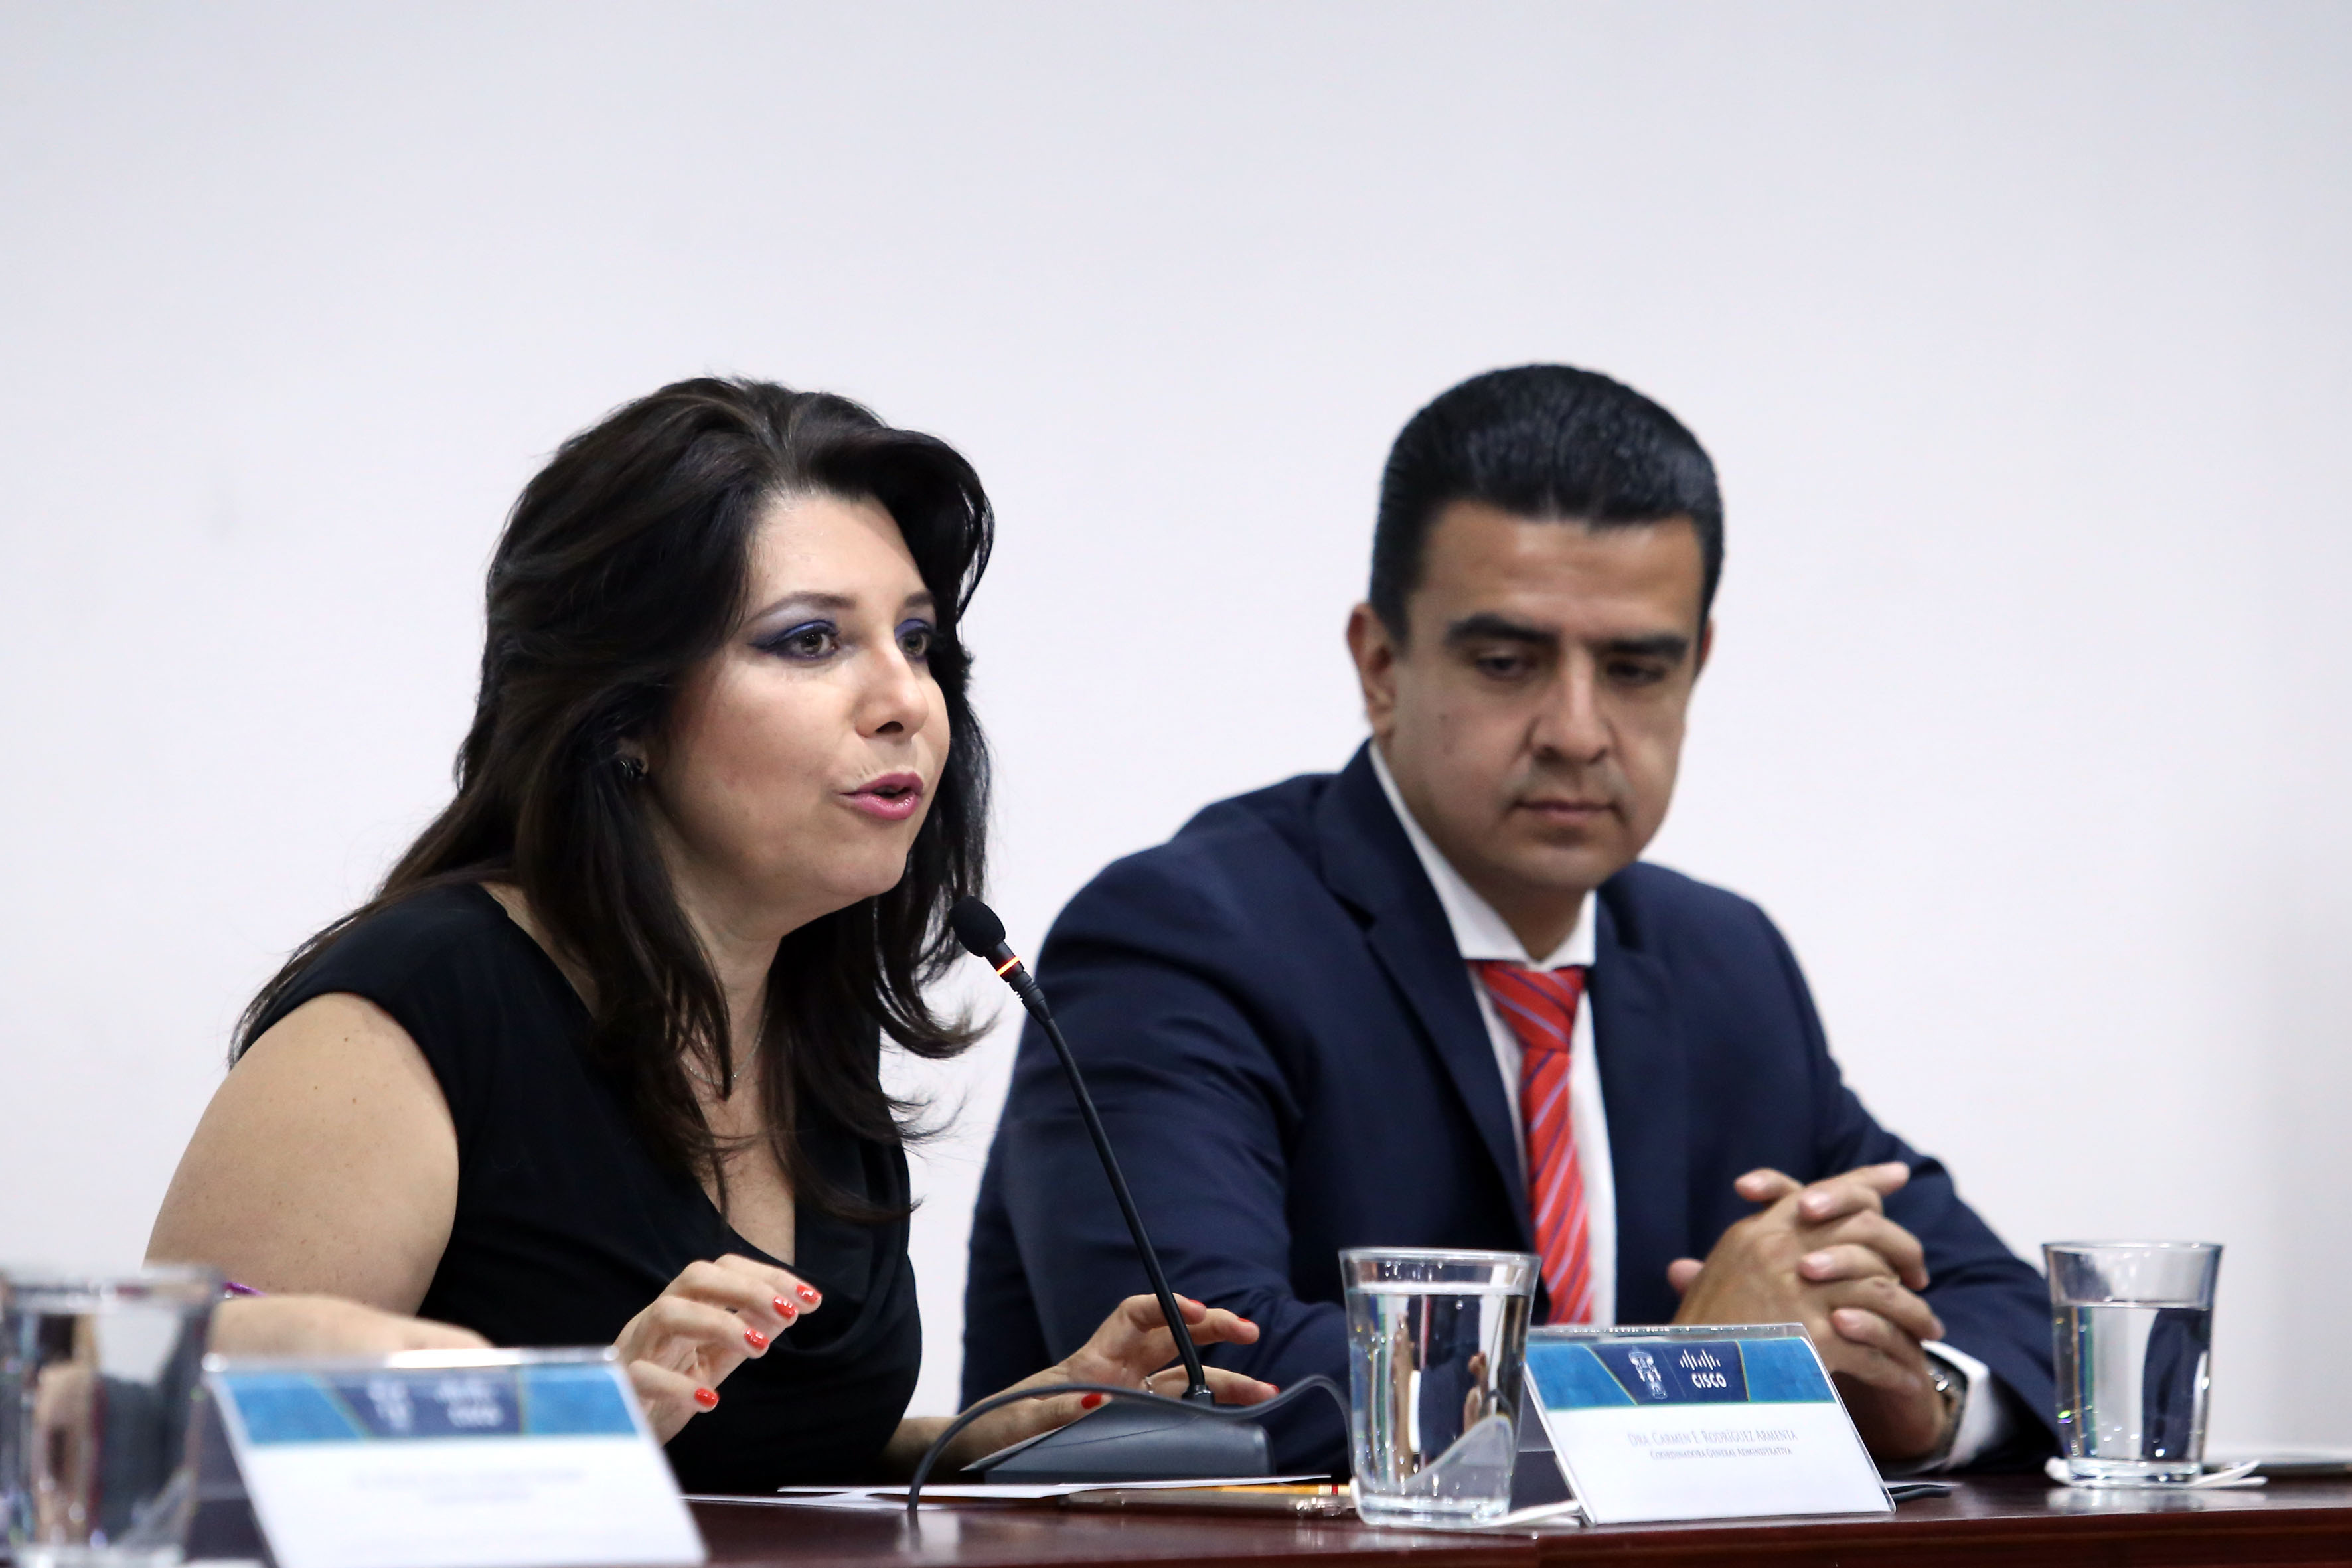 Doctora Carmen Enedina Rodríguez Armenta, titular de la Coordinación General Administrativa de la UdeG, haciendo uso de la palabra en acto inagural del evento.